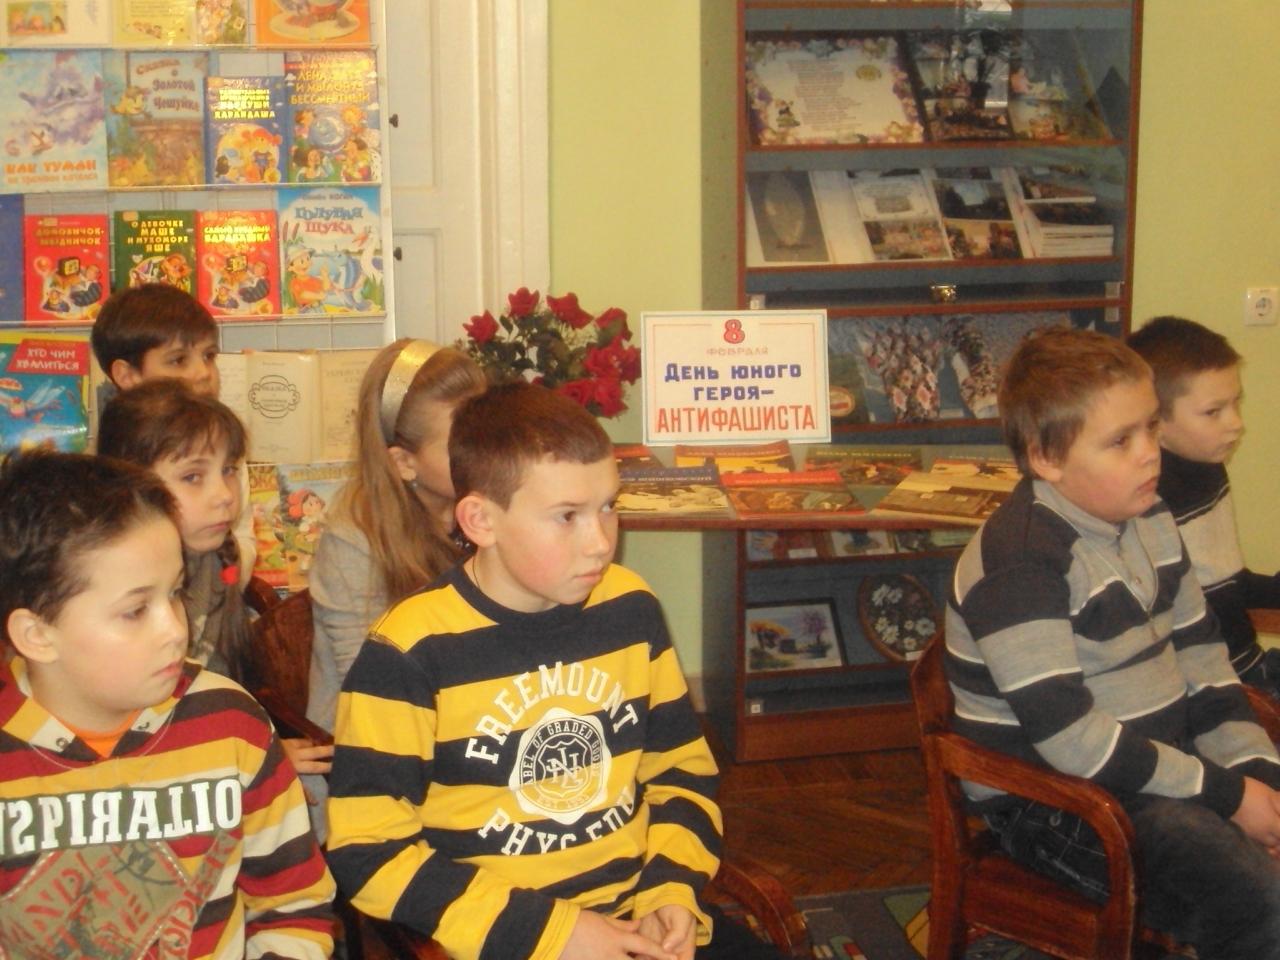 памяти юных героев-антифашистов, донецкая республиканская библиотека для детей, отдел обслуживания дошкольников и учащихся 1-4 классов, патриотическое воспитание детей, дети-герои